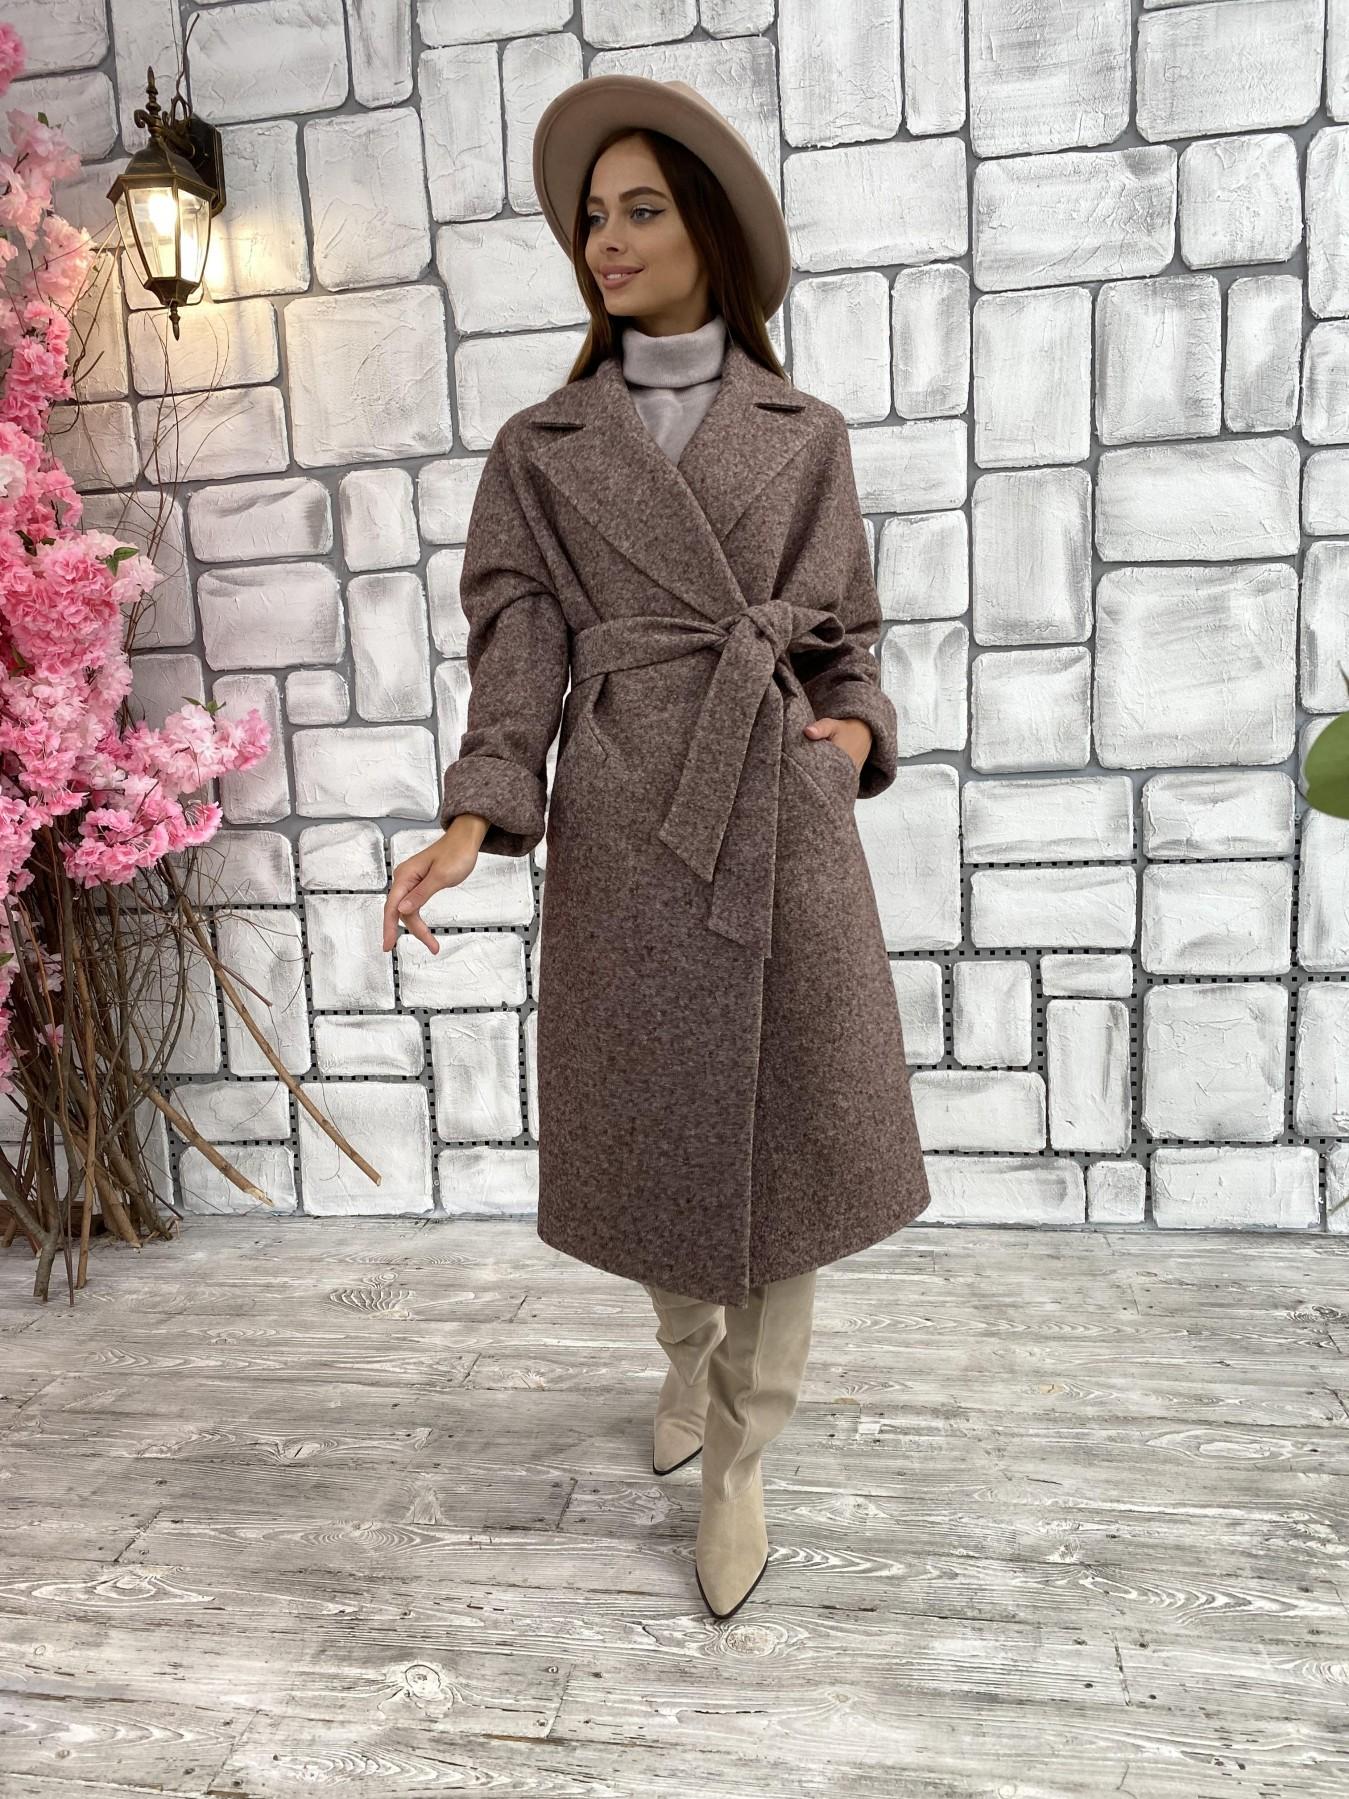 Влада шерсть варенка ткань пальто 11639 АРТ. 48350 Цвет: Кофе - фото 2, интернет магазин tm-modus.ru